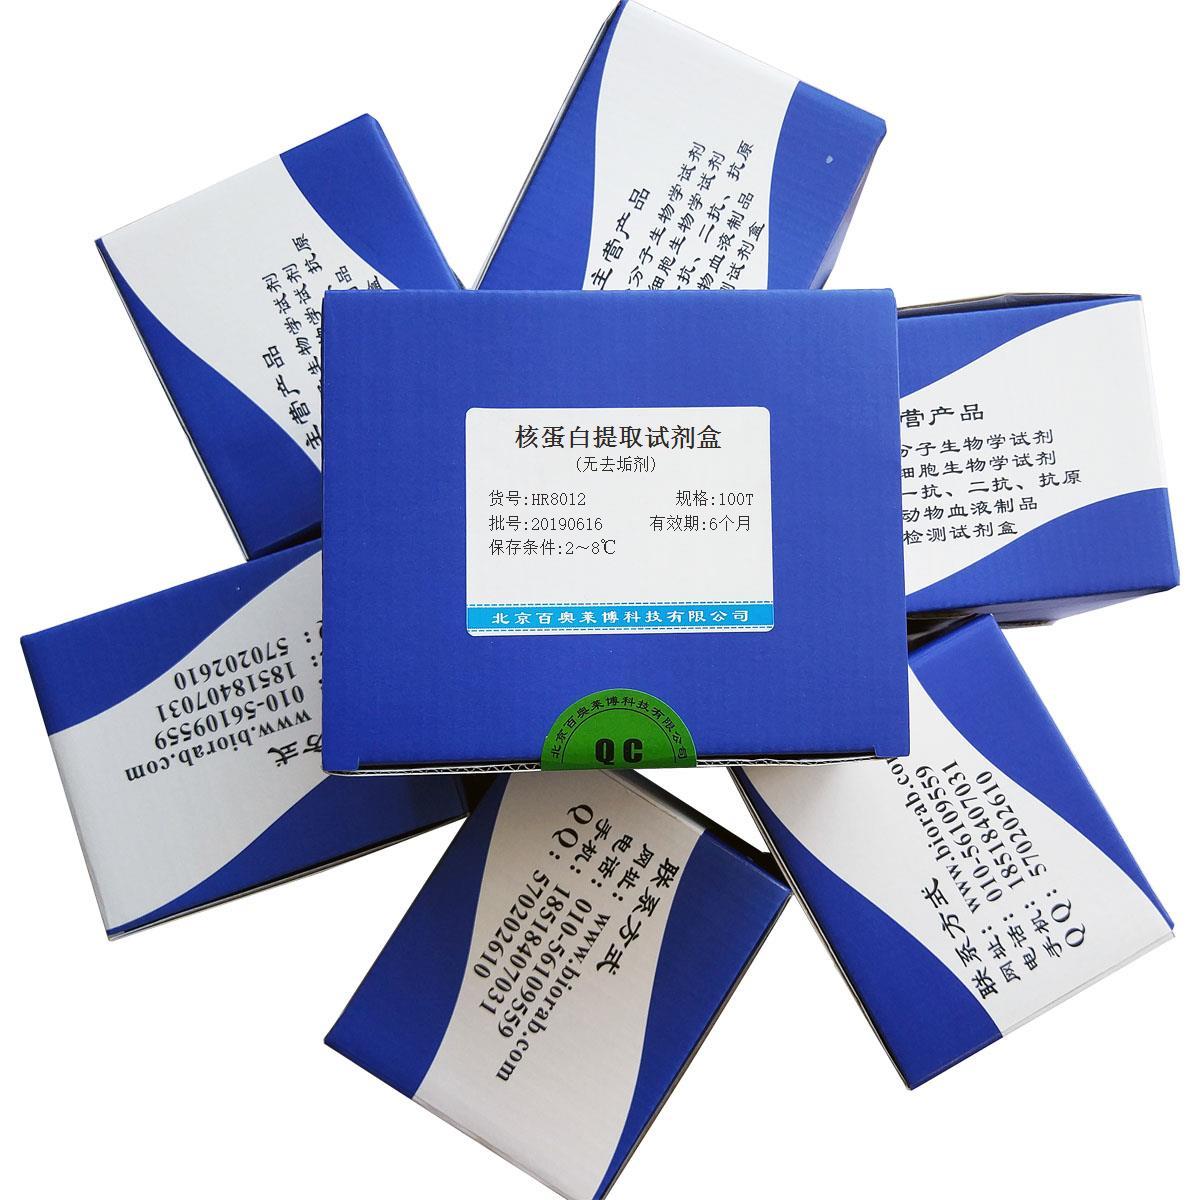 核蛋白提取试剂盒(无去垢剂)北京品牌